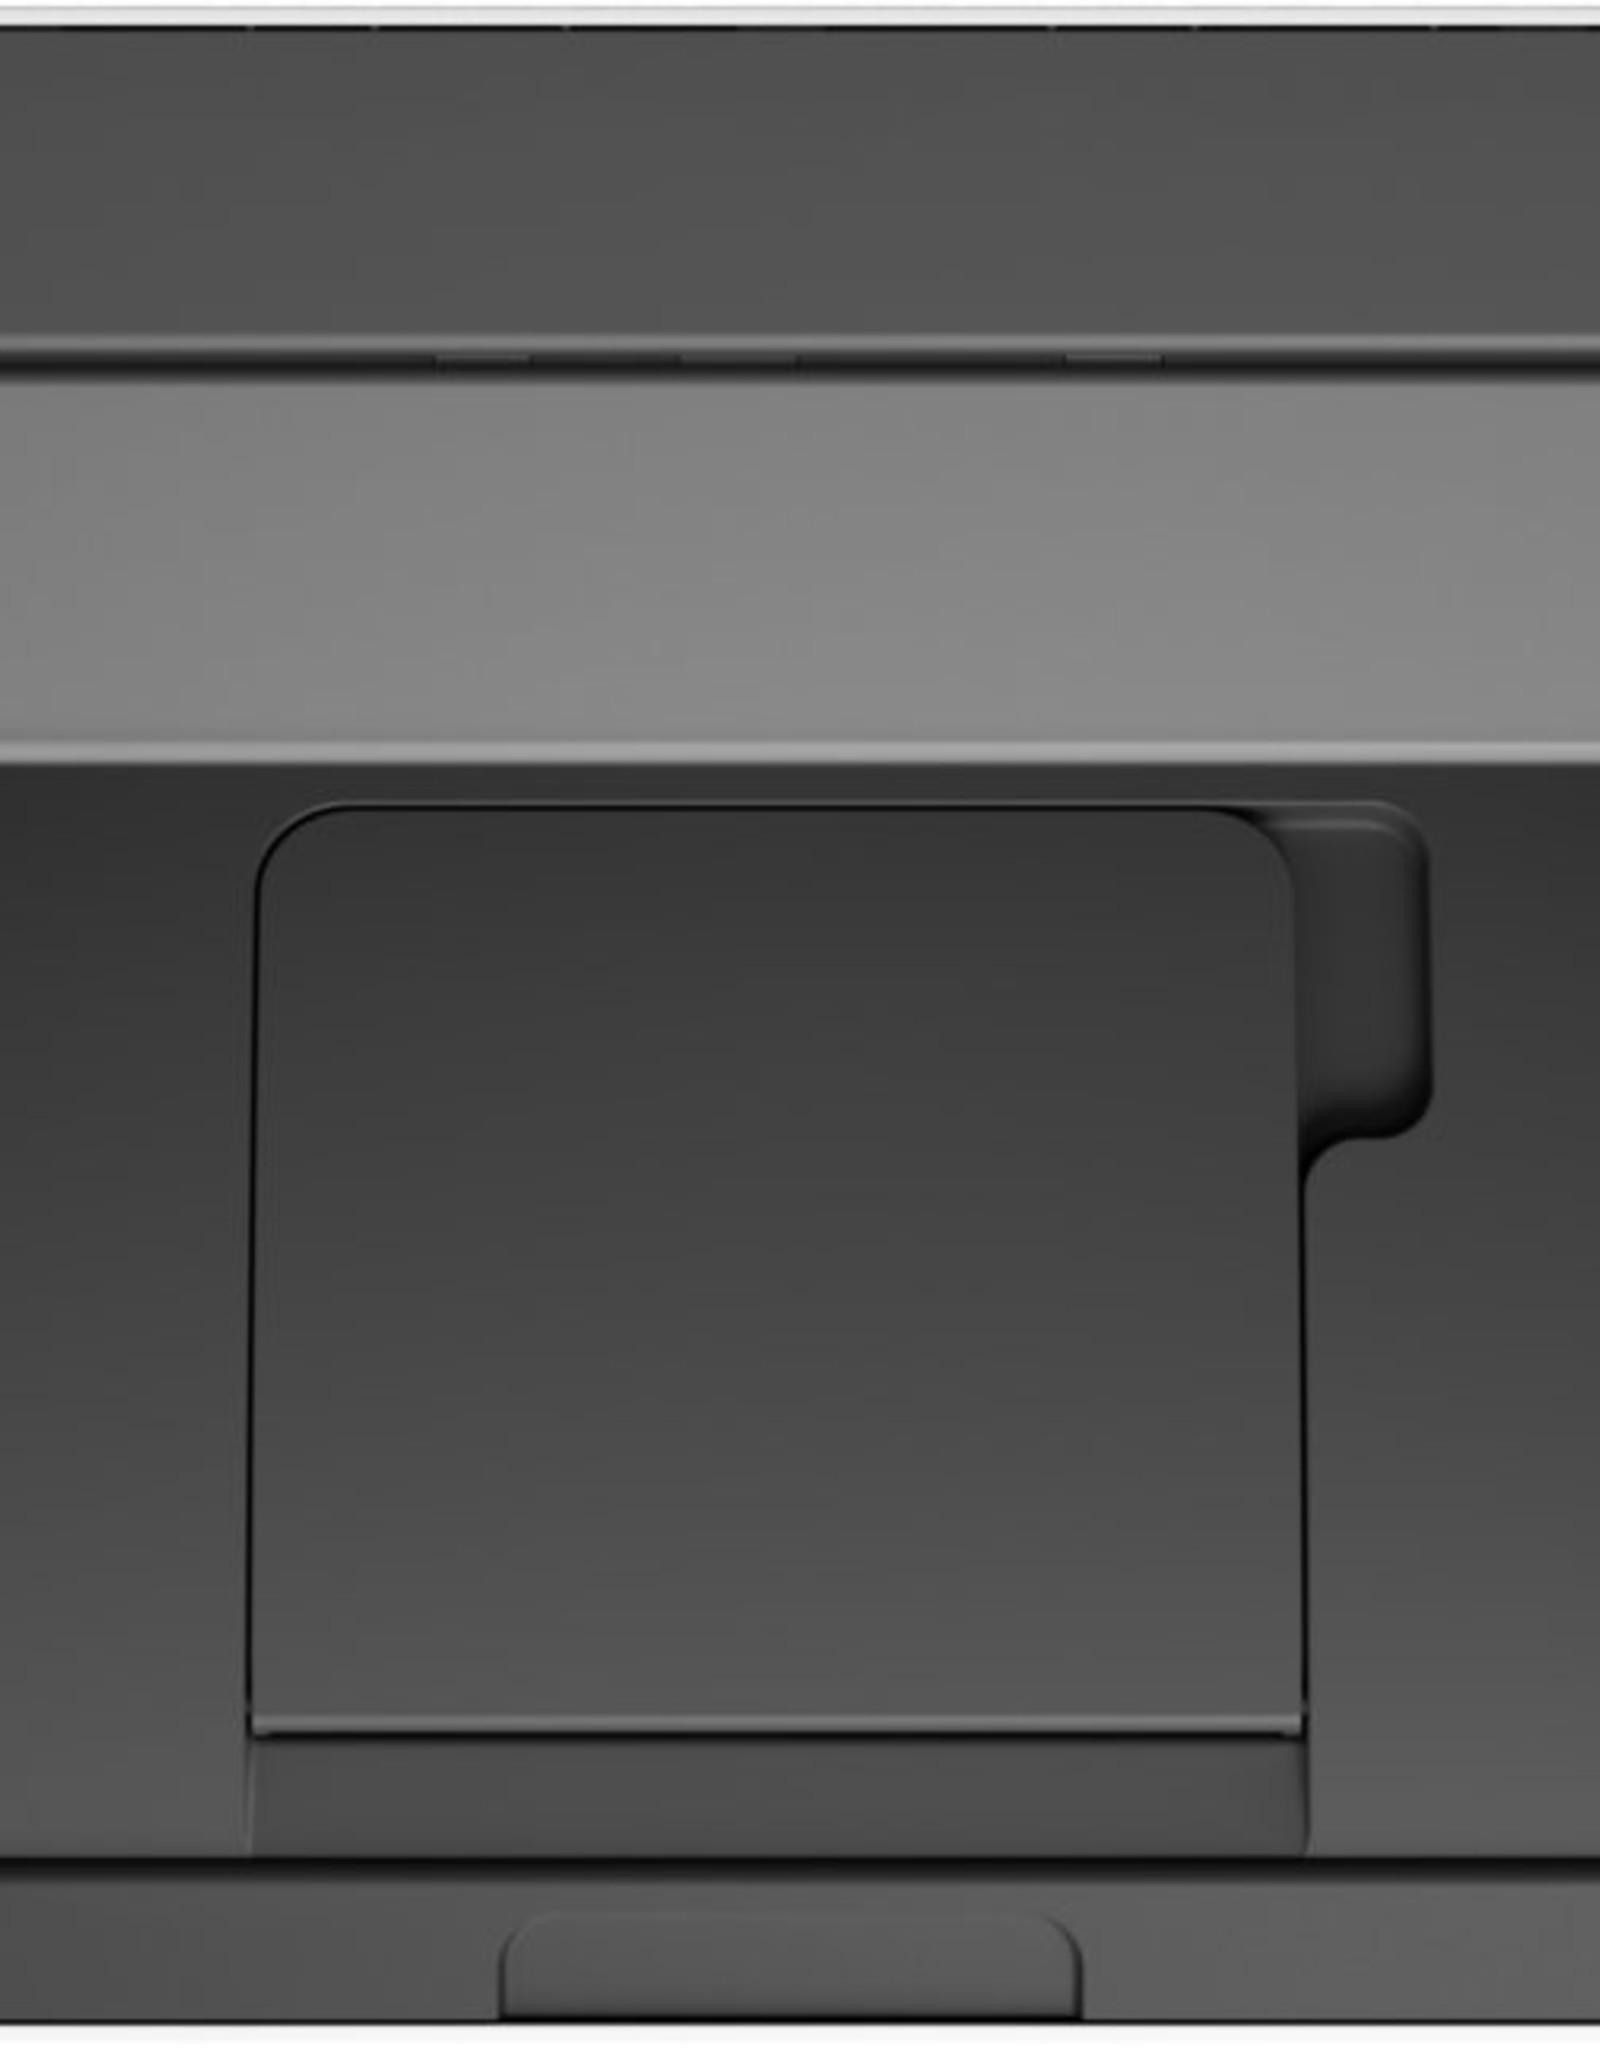 HP Laser Printer 107a 1200 x 1200 DPI A4